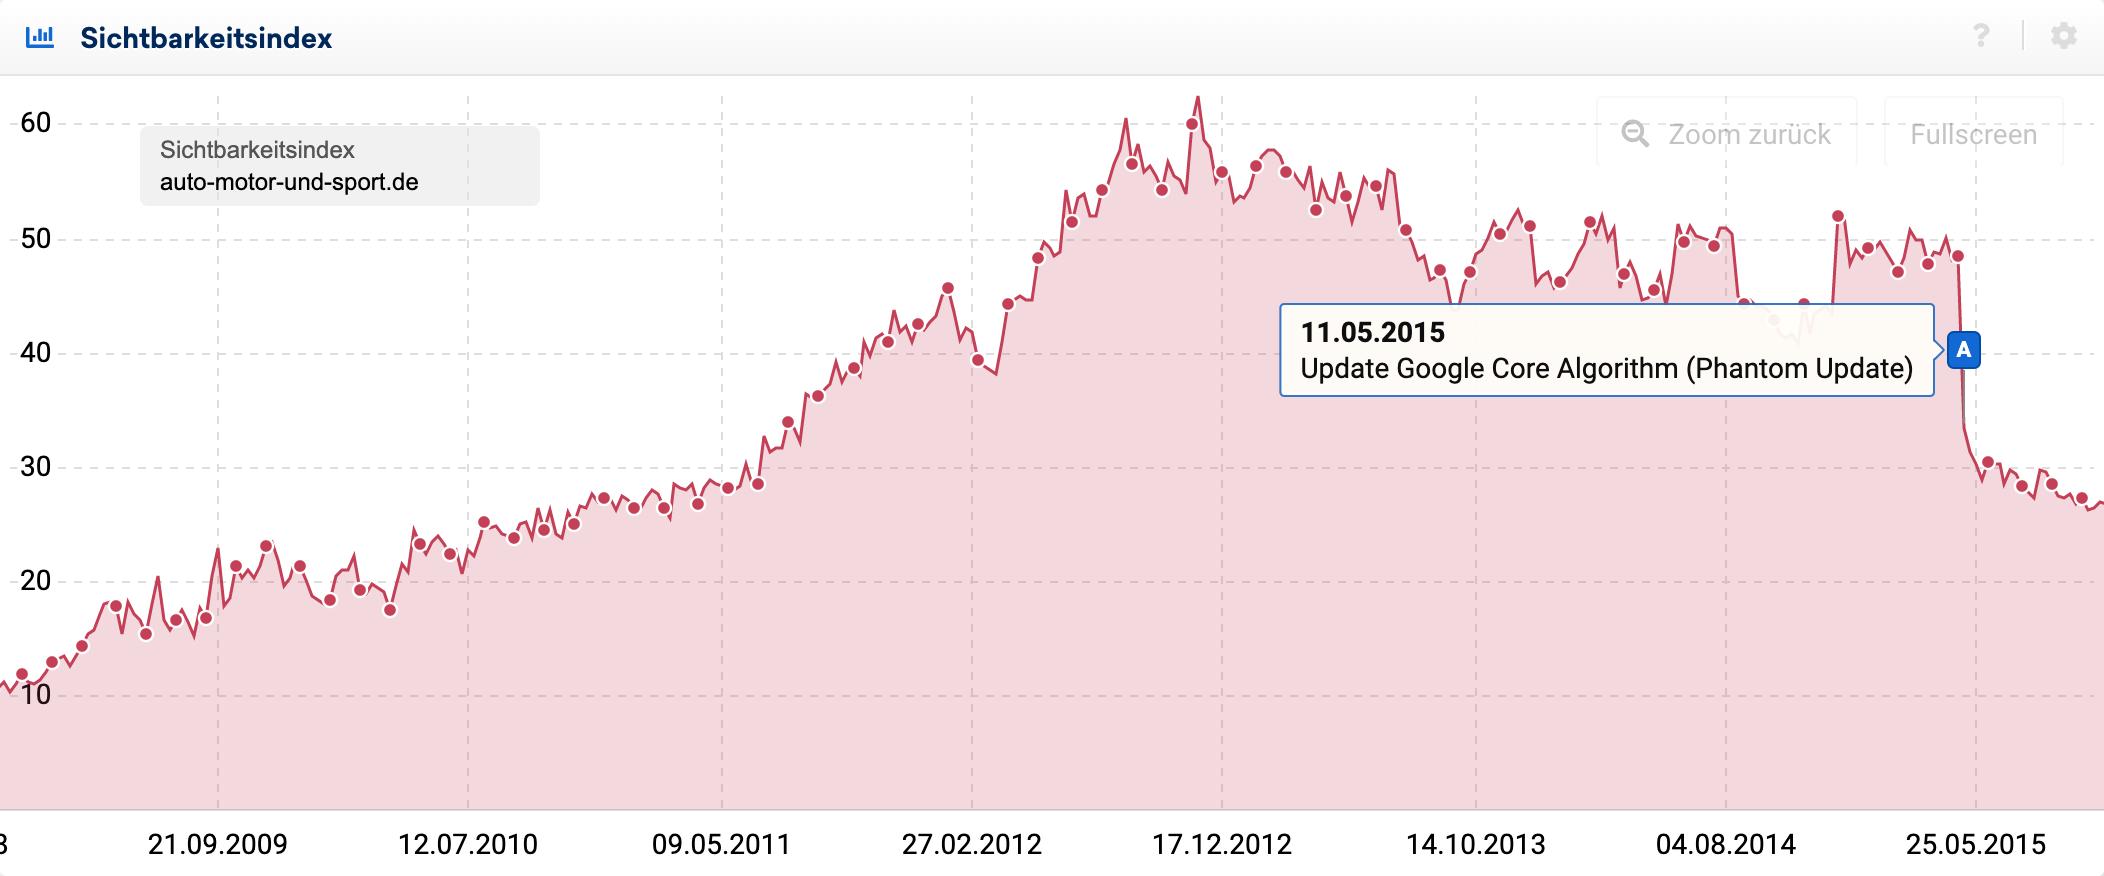 Sichtbarkeitsindex-Verlauf der Domain auto-motor-und-sport.de im Zeitraum zwischen September 2009 und Mai 2015. Der Sichtbarkeitsindex beginnt bei ca. 10 Punkten, steigt bis Ende 2012 linear auf 55 Punkte an und hält diesen Wert bis zum 11.05.2015. Danach fällt der Sichtbarkeitsindex abrupt auf 30 Punkte ab.